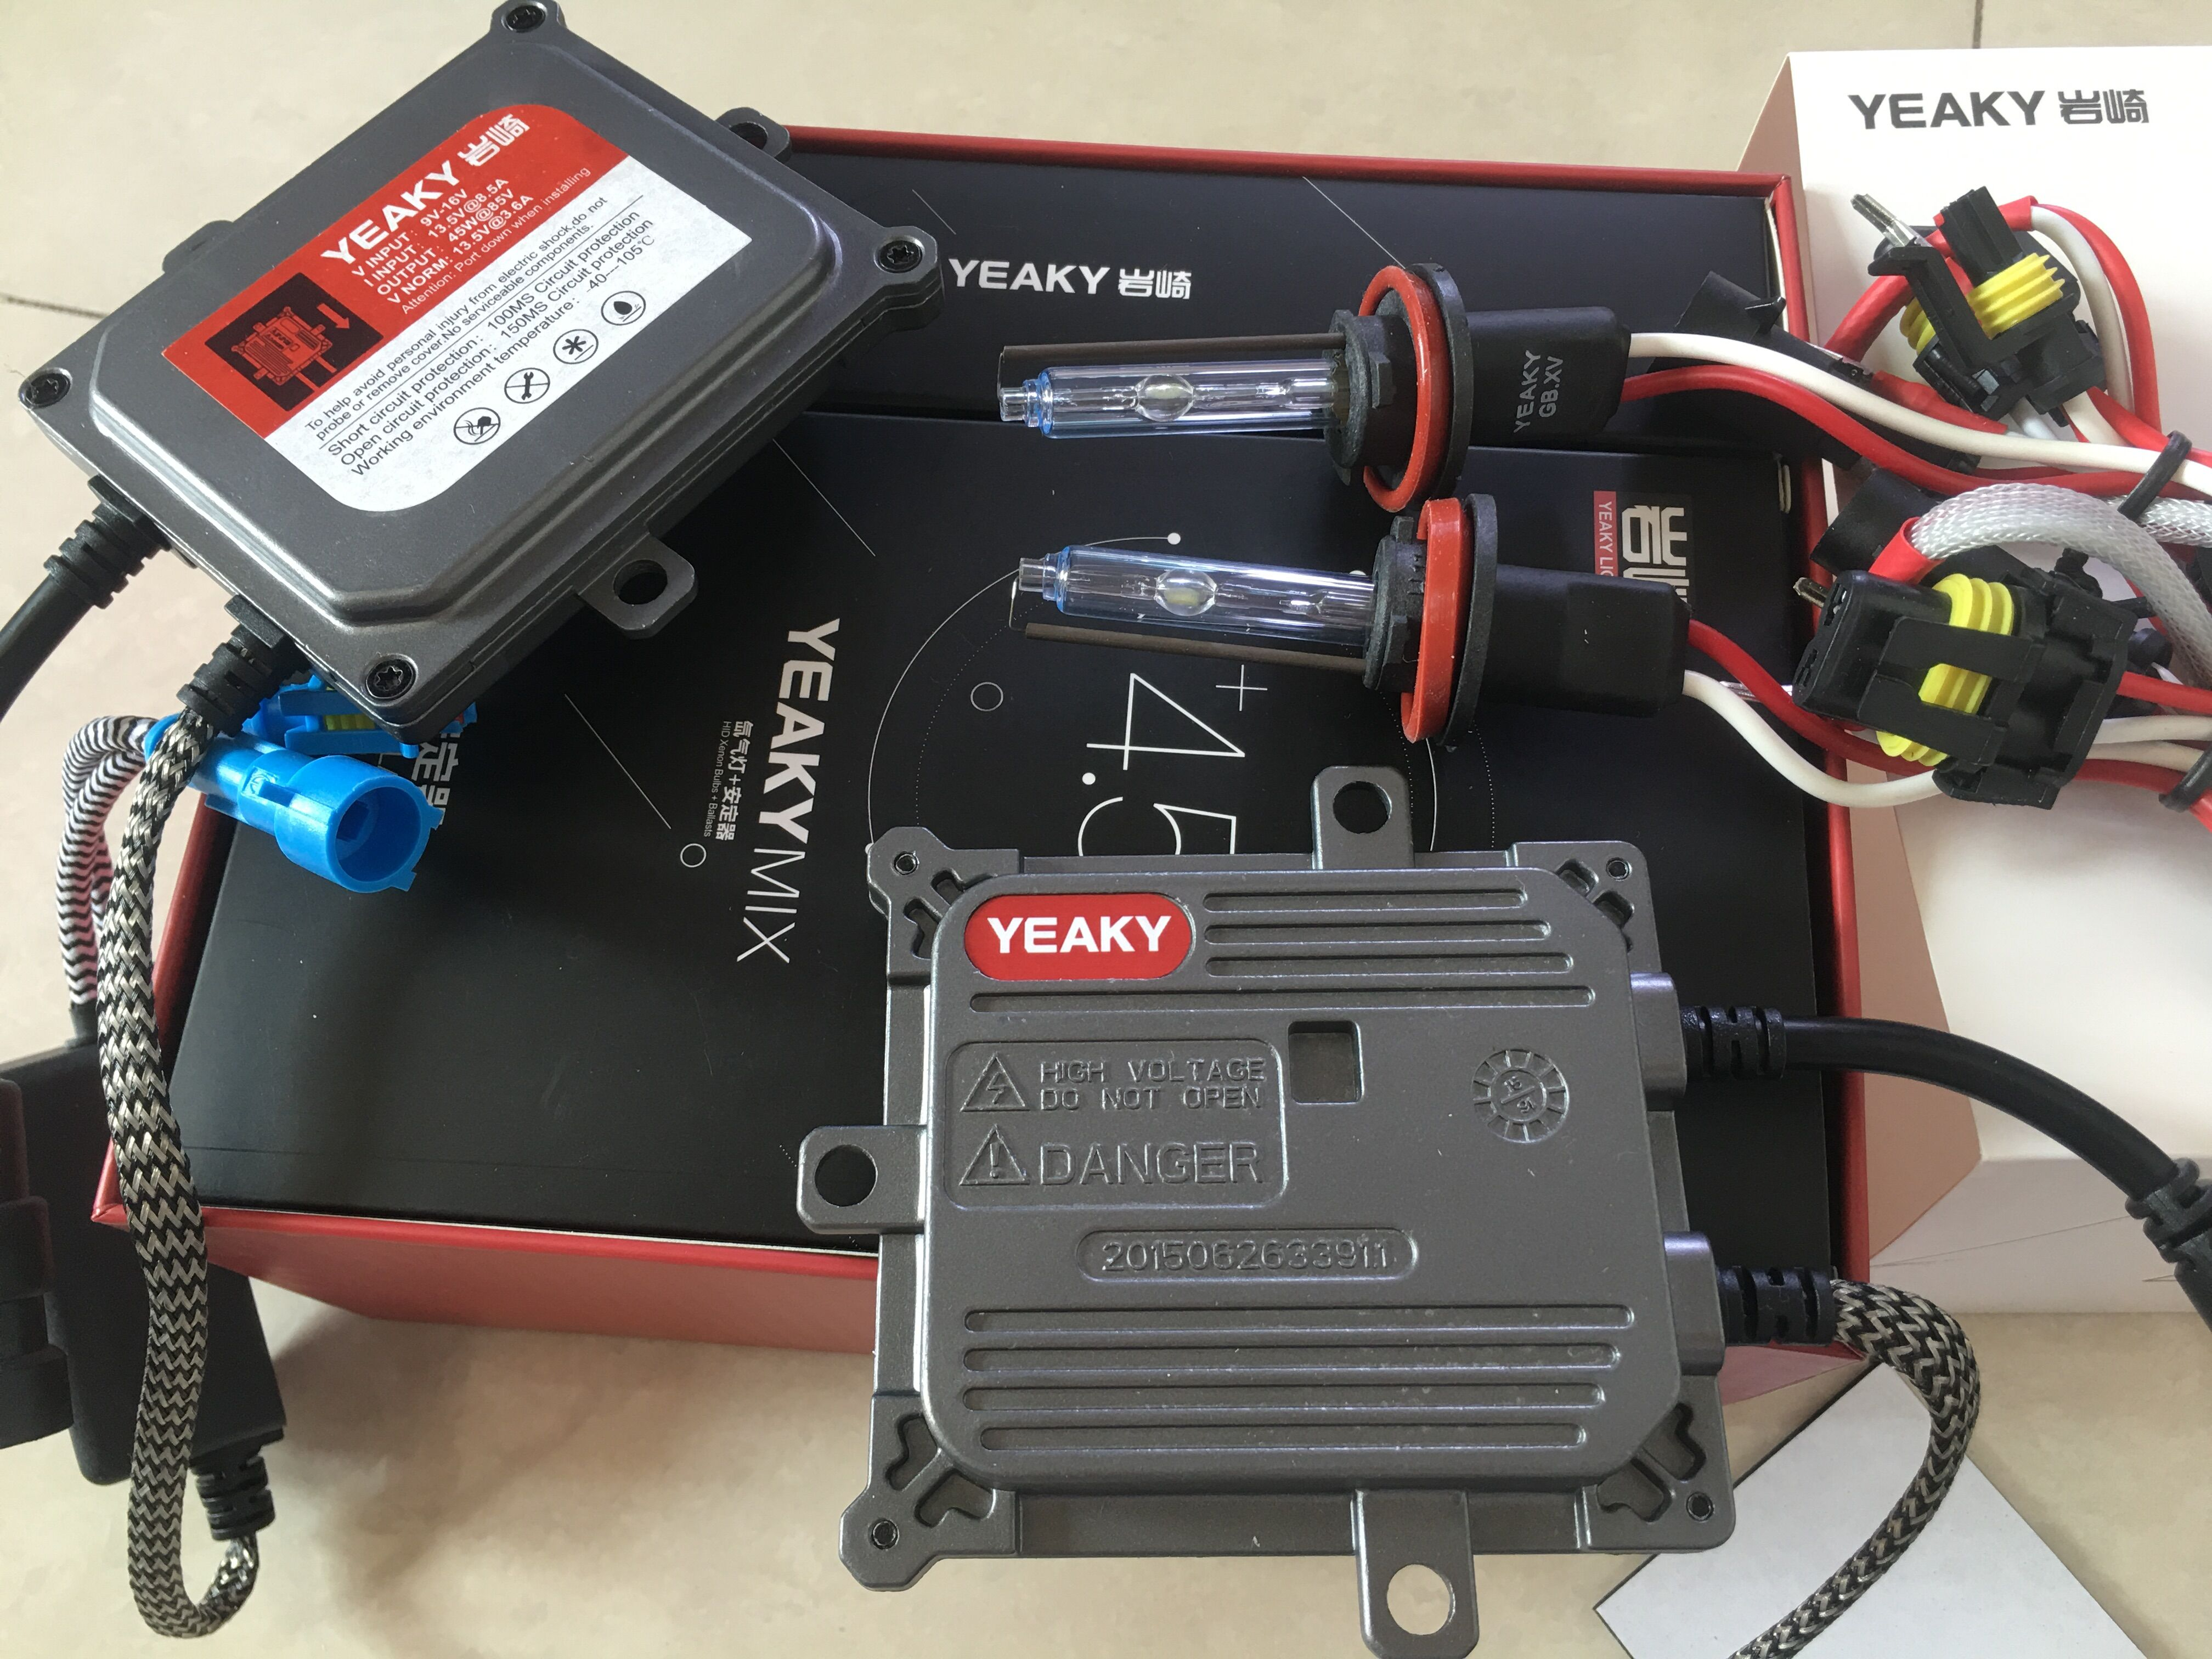 Оригинальный 45 Вт Yeaky Xenon комплект H1 H3 HB3 HB4 H11 Быстрый Яркий 5500 к 45 Вт Yeaky фара Лампа AC 45 Вт Yeaky HID балласт комплект ксенон H7